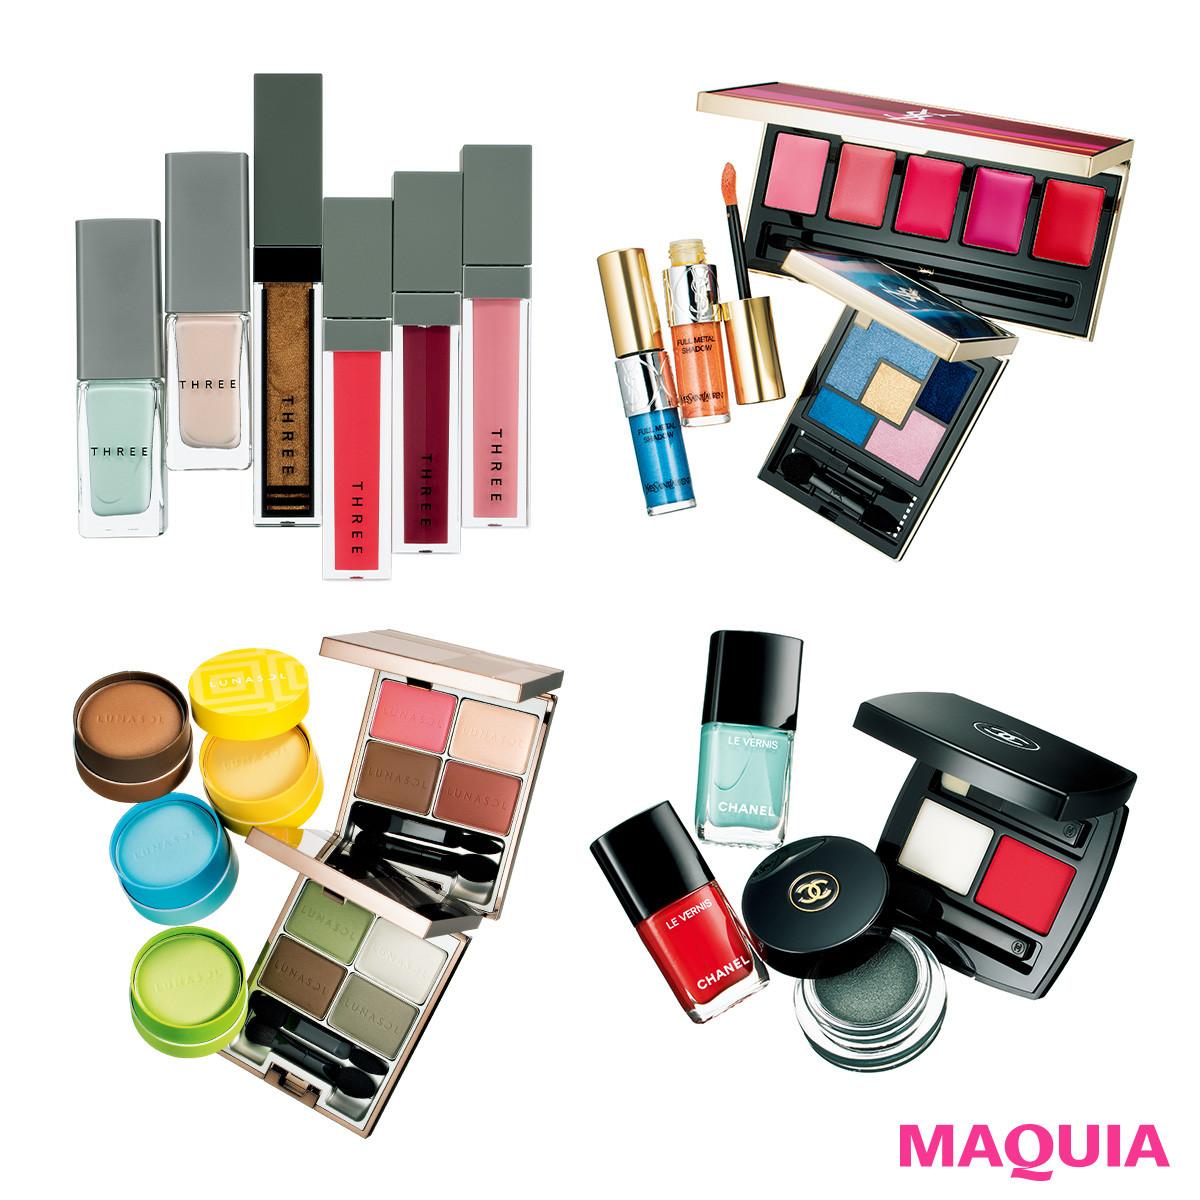 sale retailer 45997 aebcc シャネル、イヴ・サンローラン、ルナソルetc.】大人気ブランドの ...